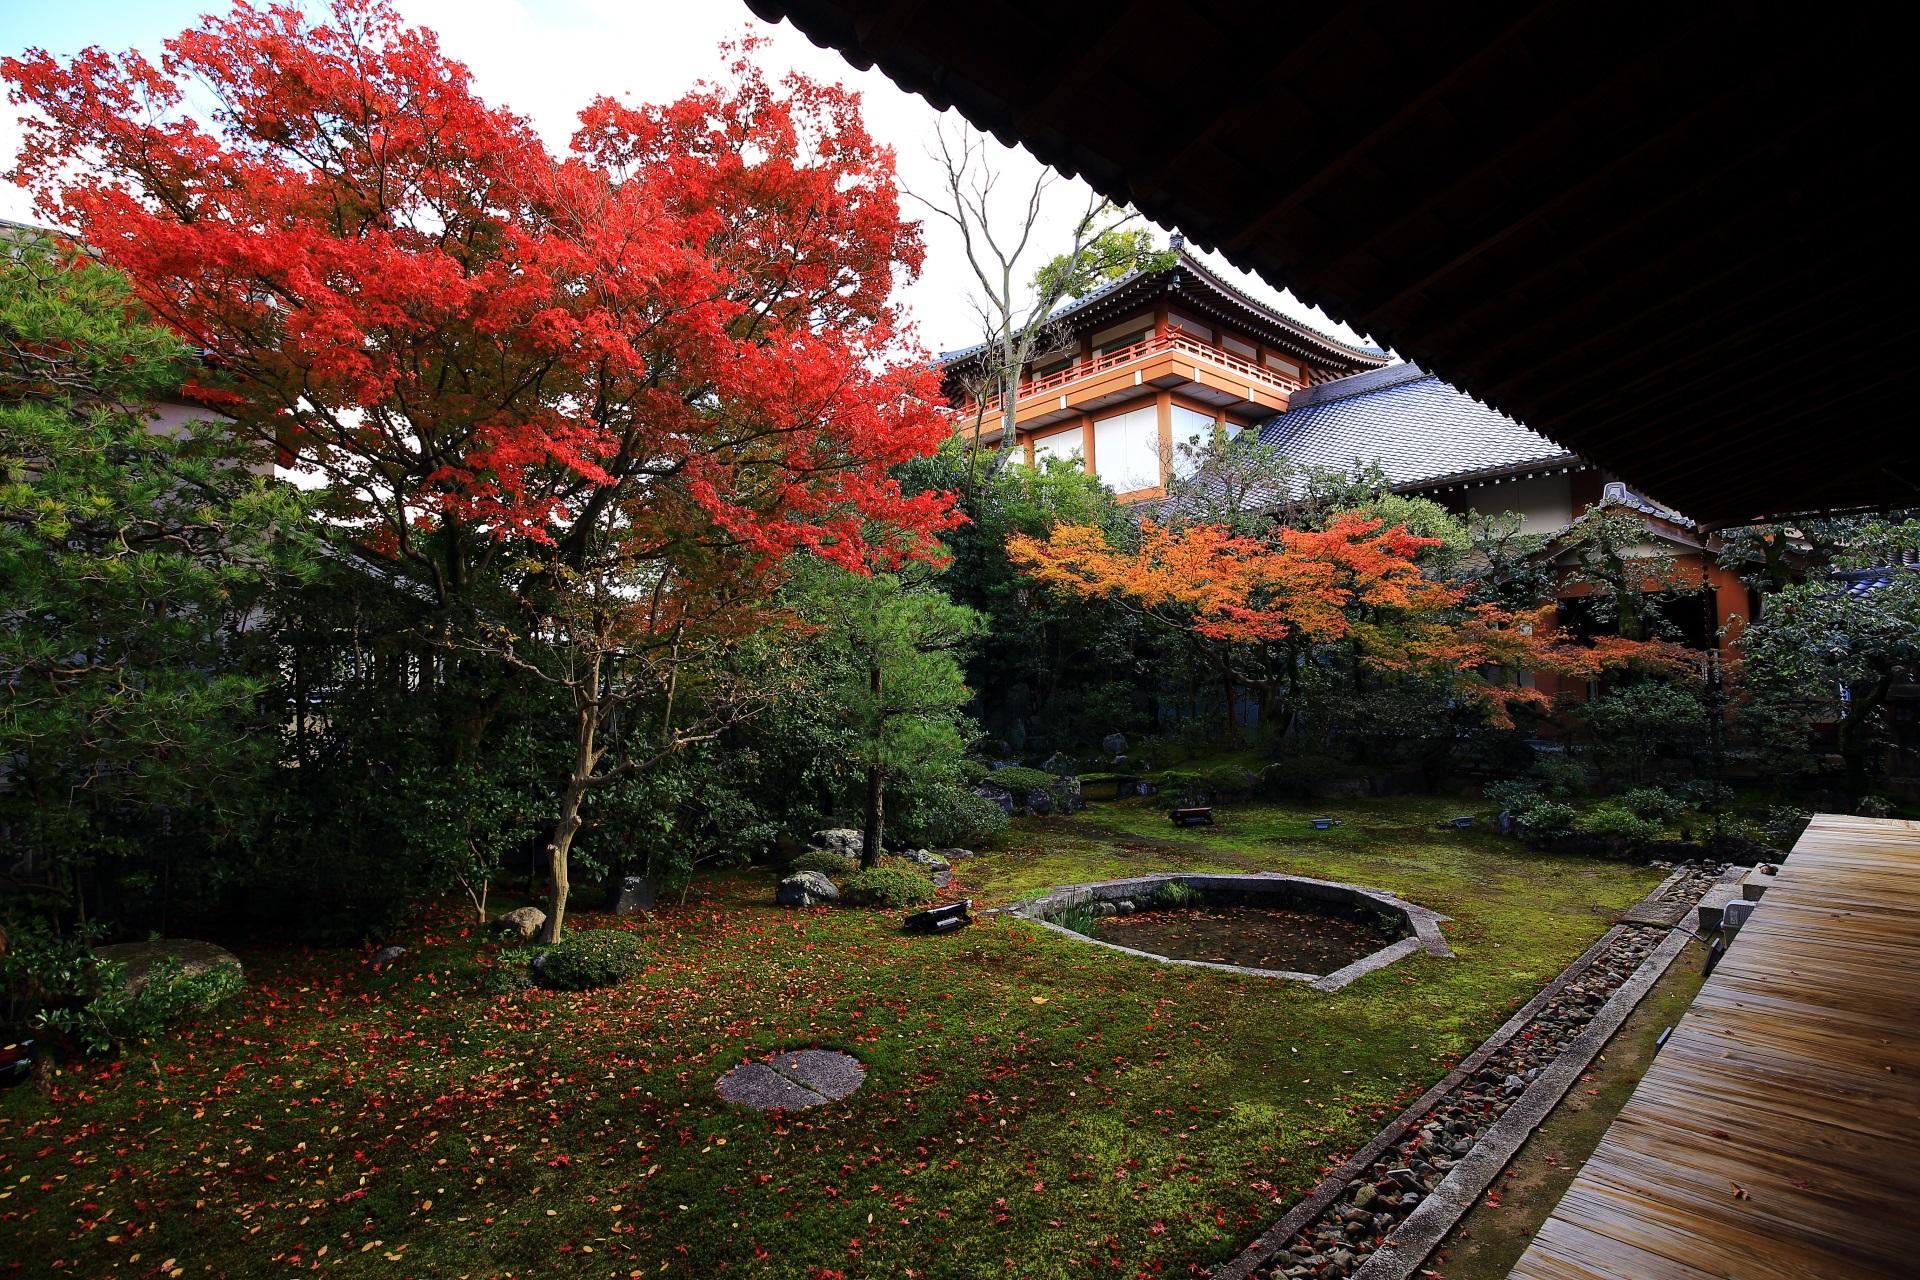 秋色につつまれた本法寺の静かな巴の庭